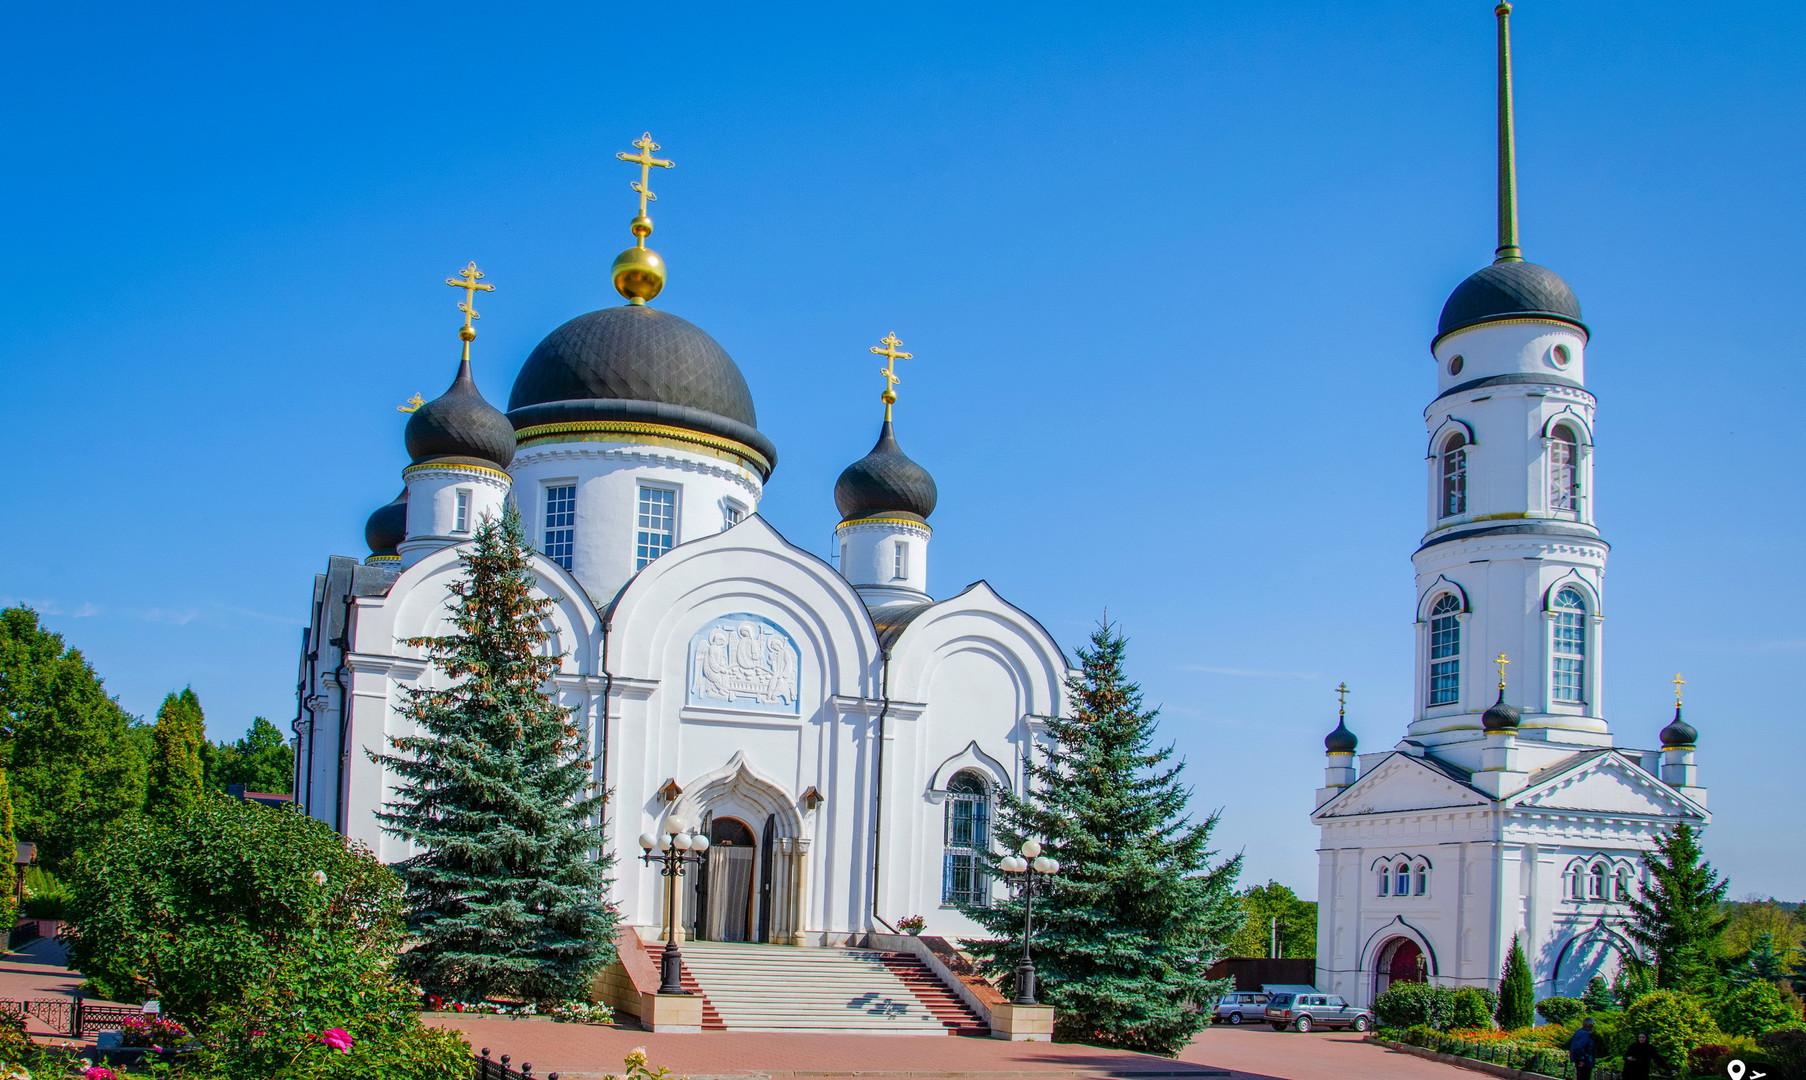 Преображенский Тихоновский монастырь, Задонск